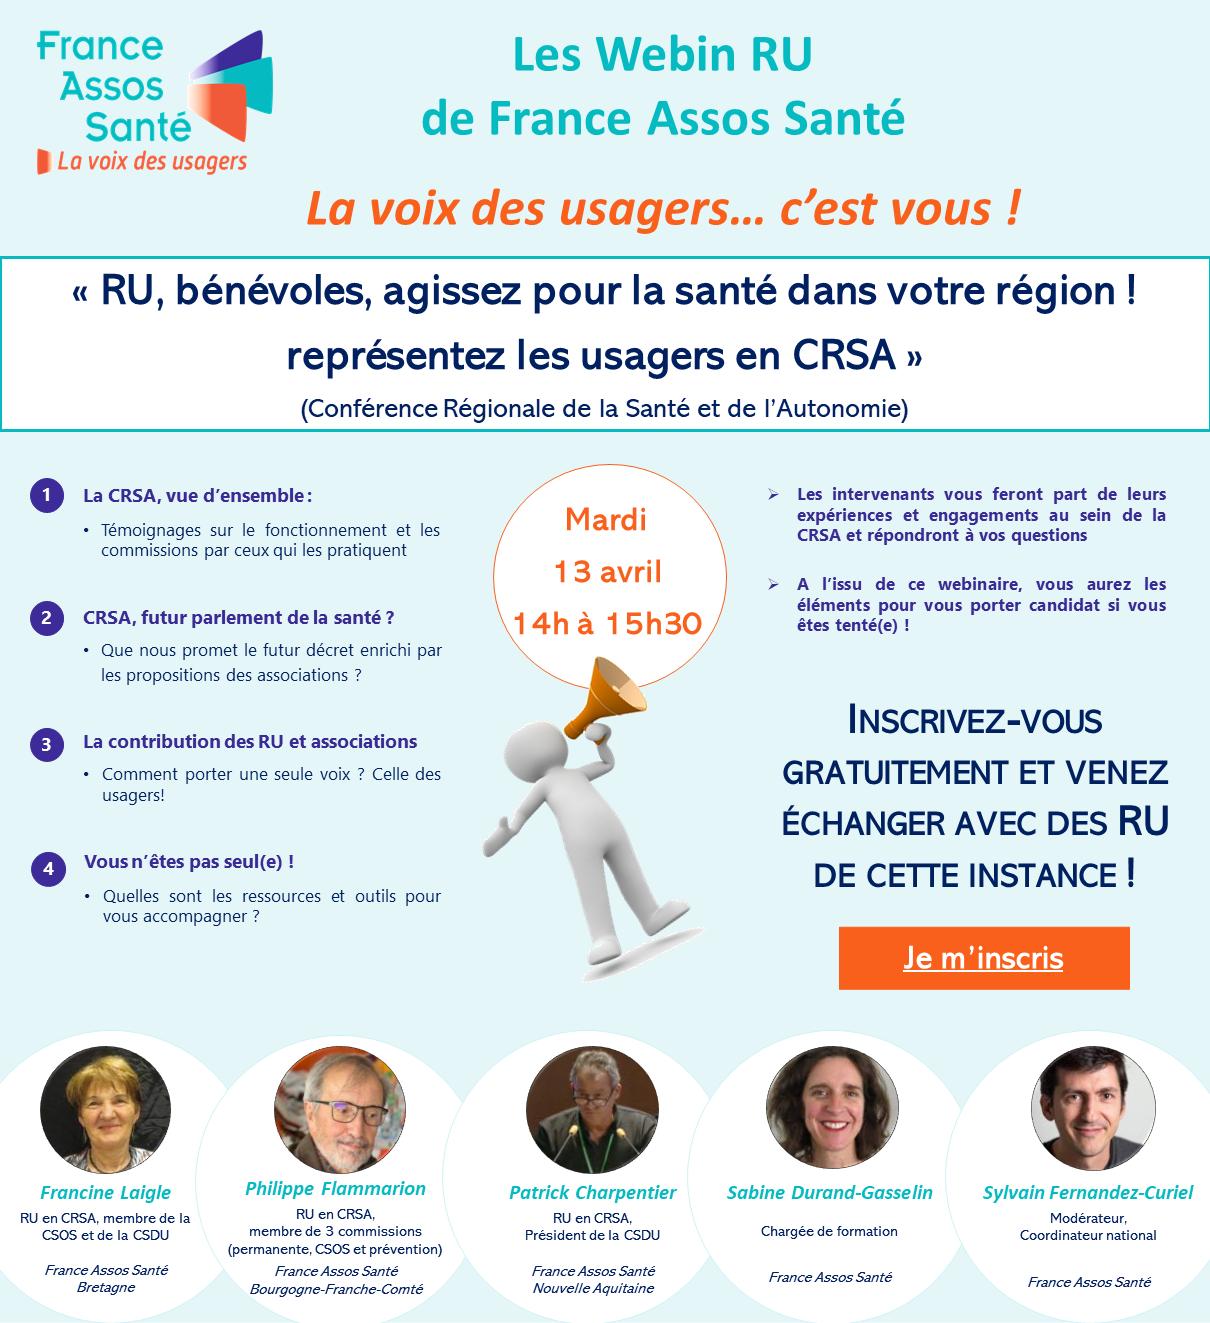 Visuel Webinaire France Assos Santé